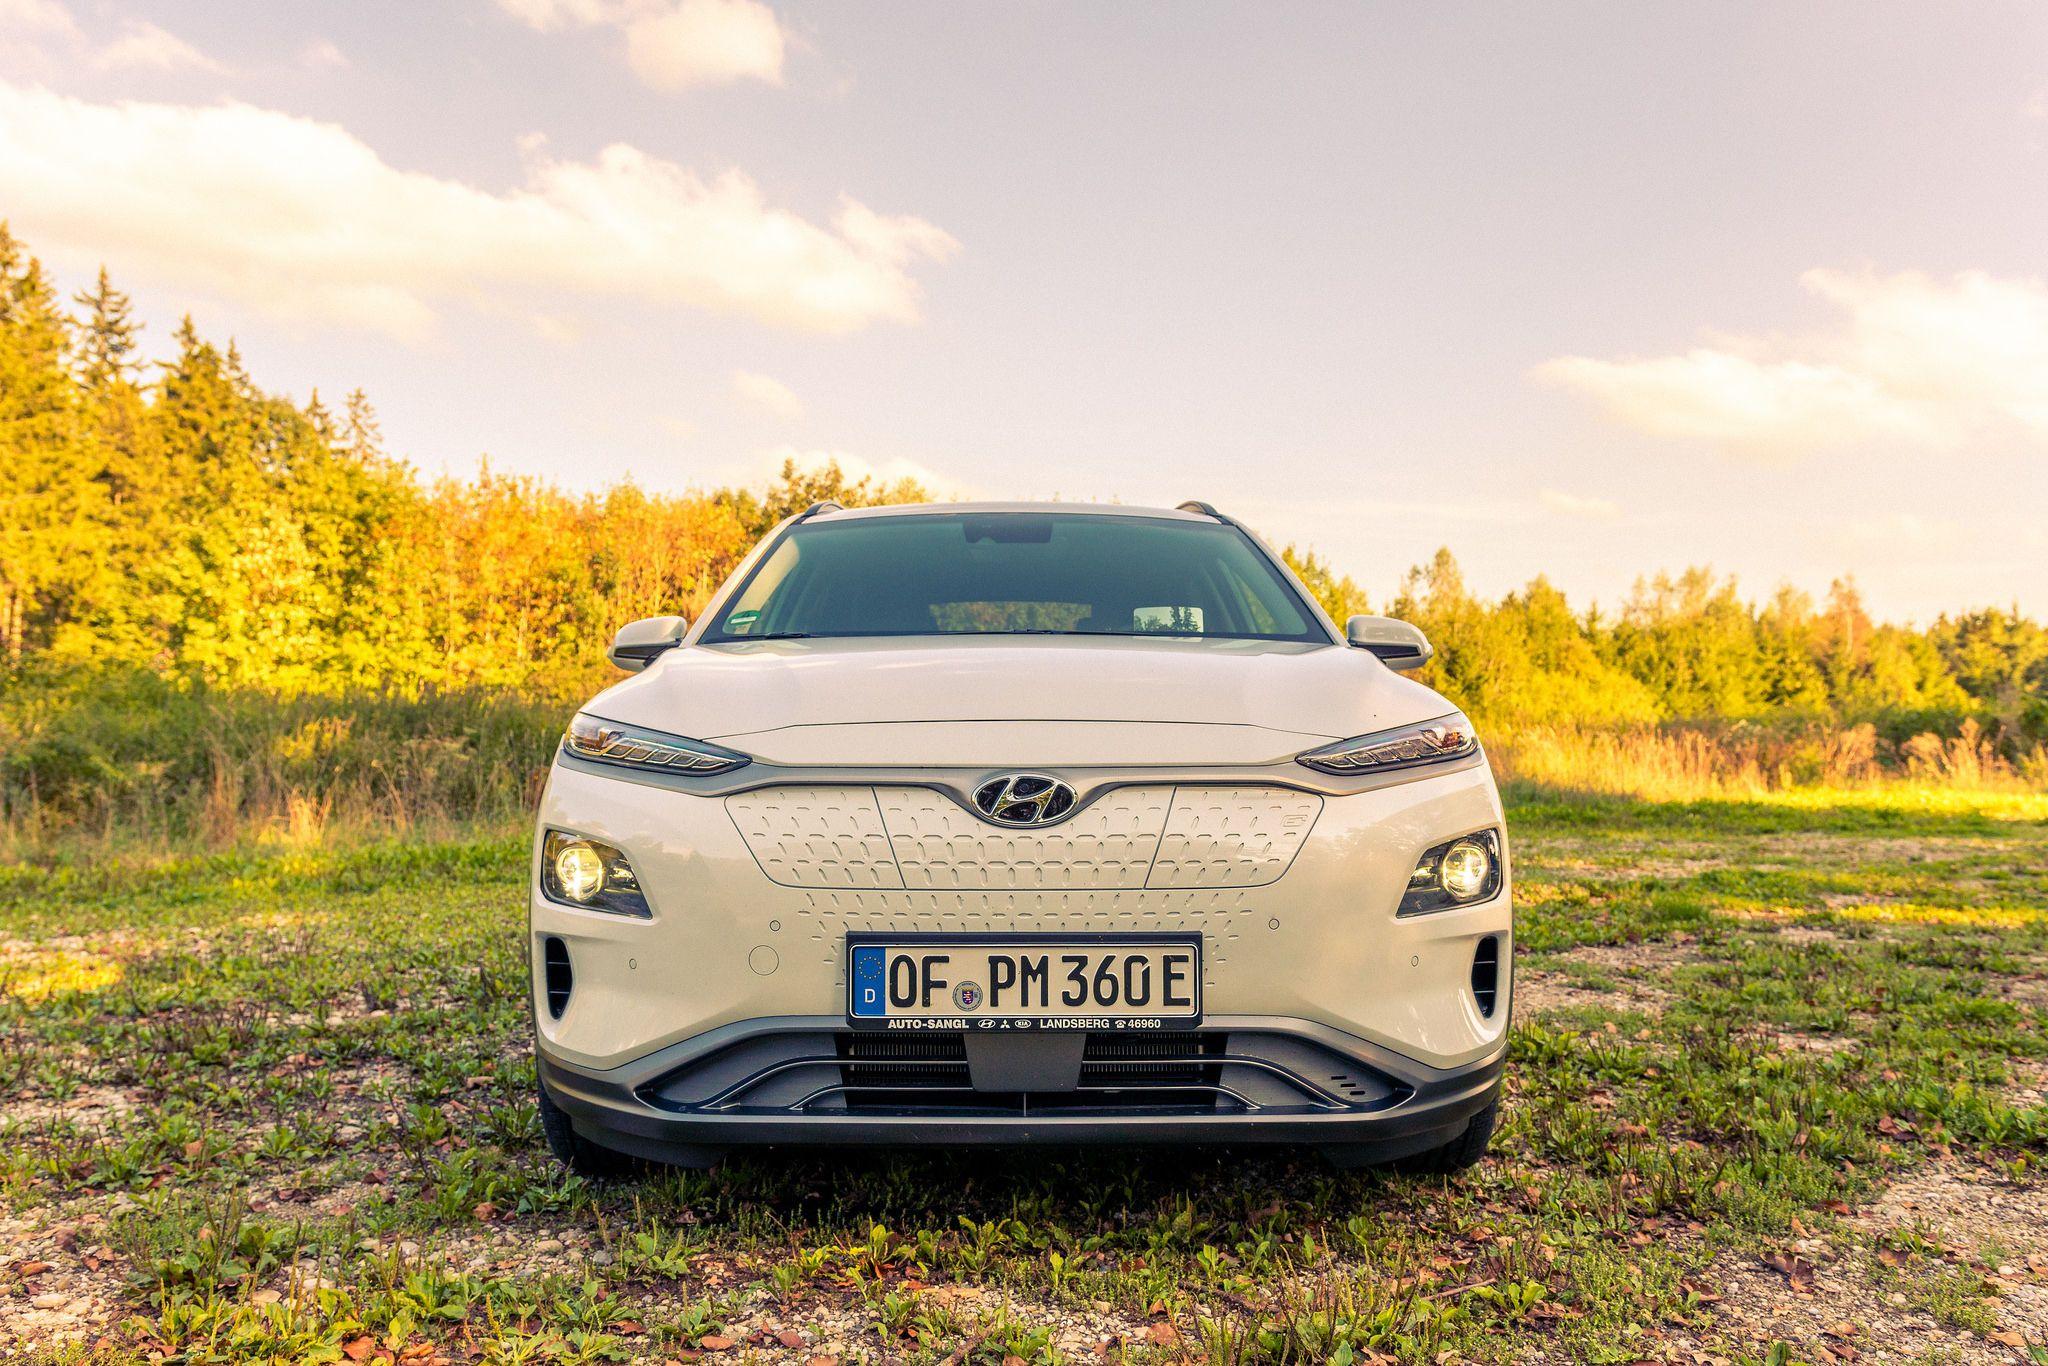 Електрокар, електромобіль Hyundai Kona, єврономера, євробляхи